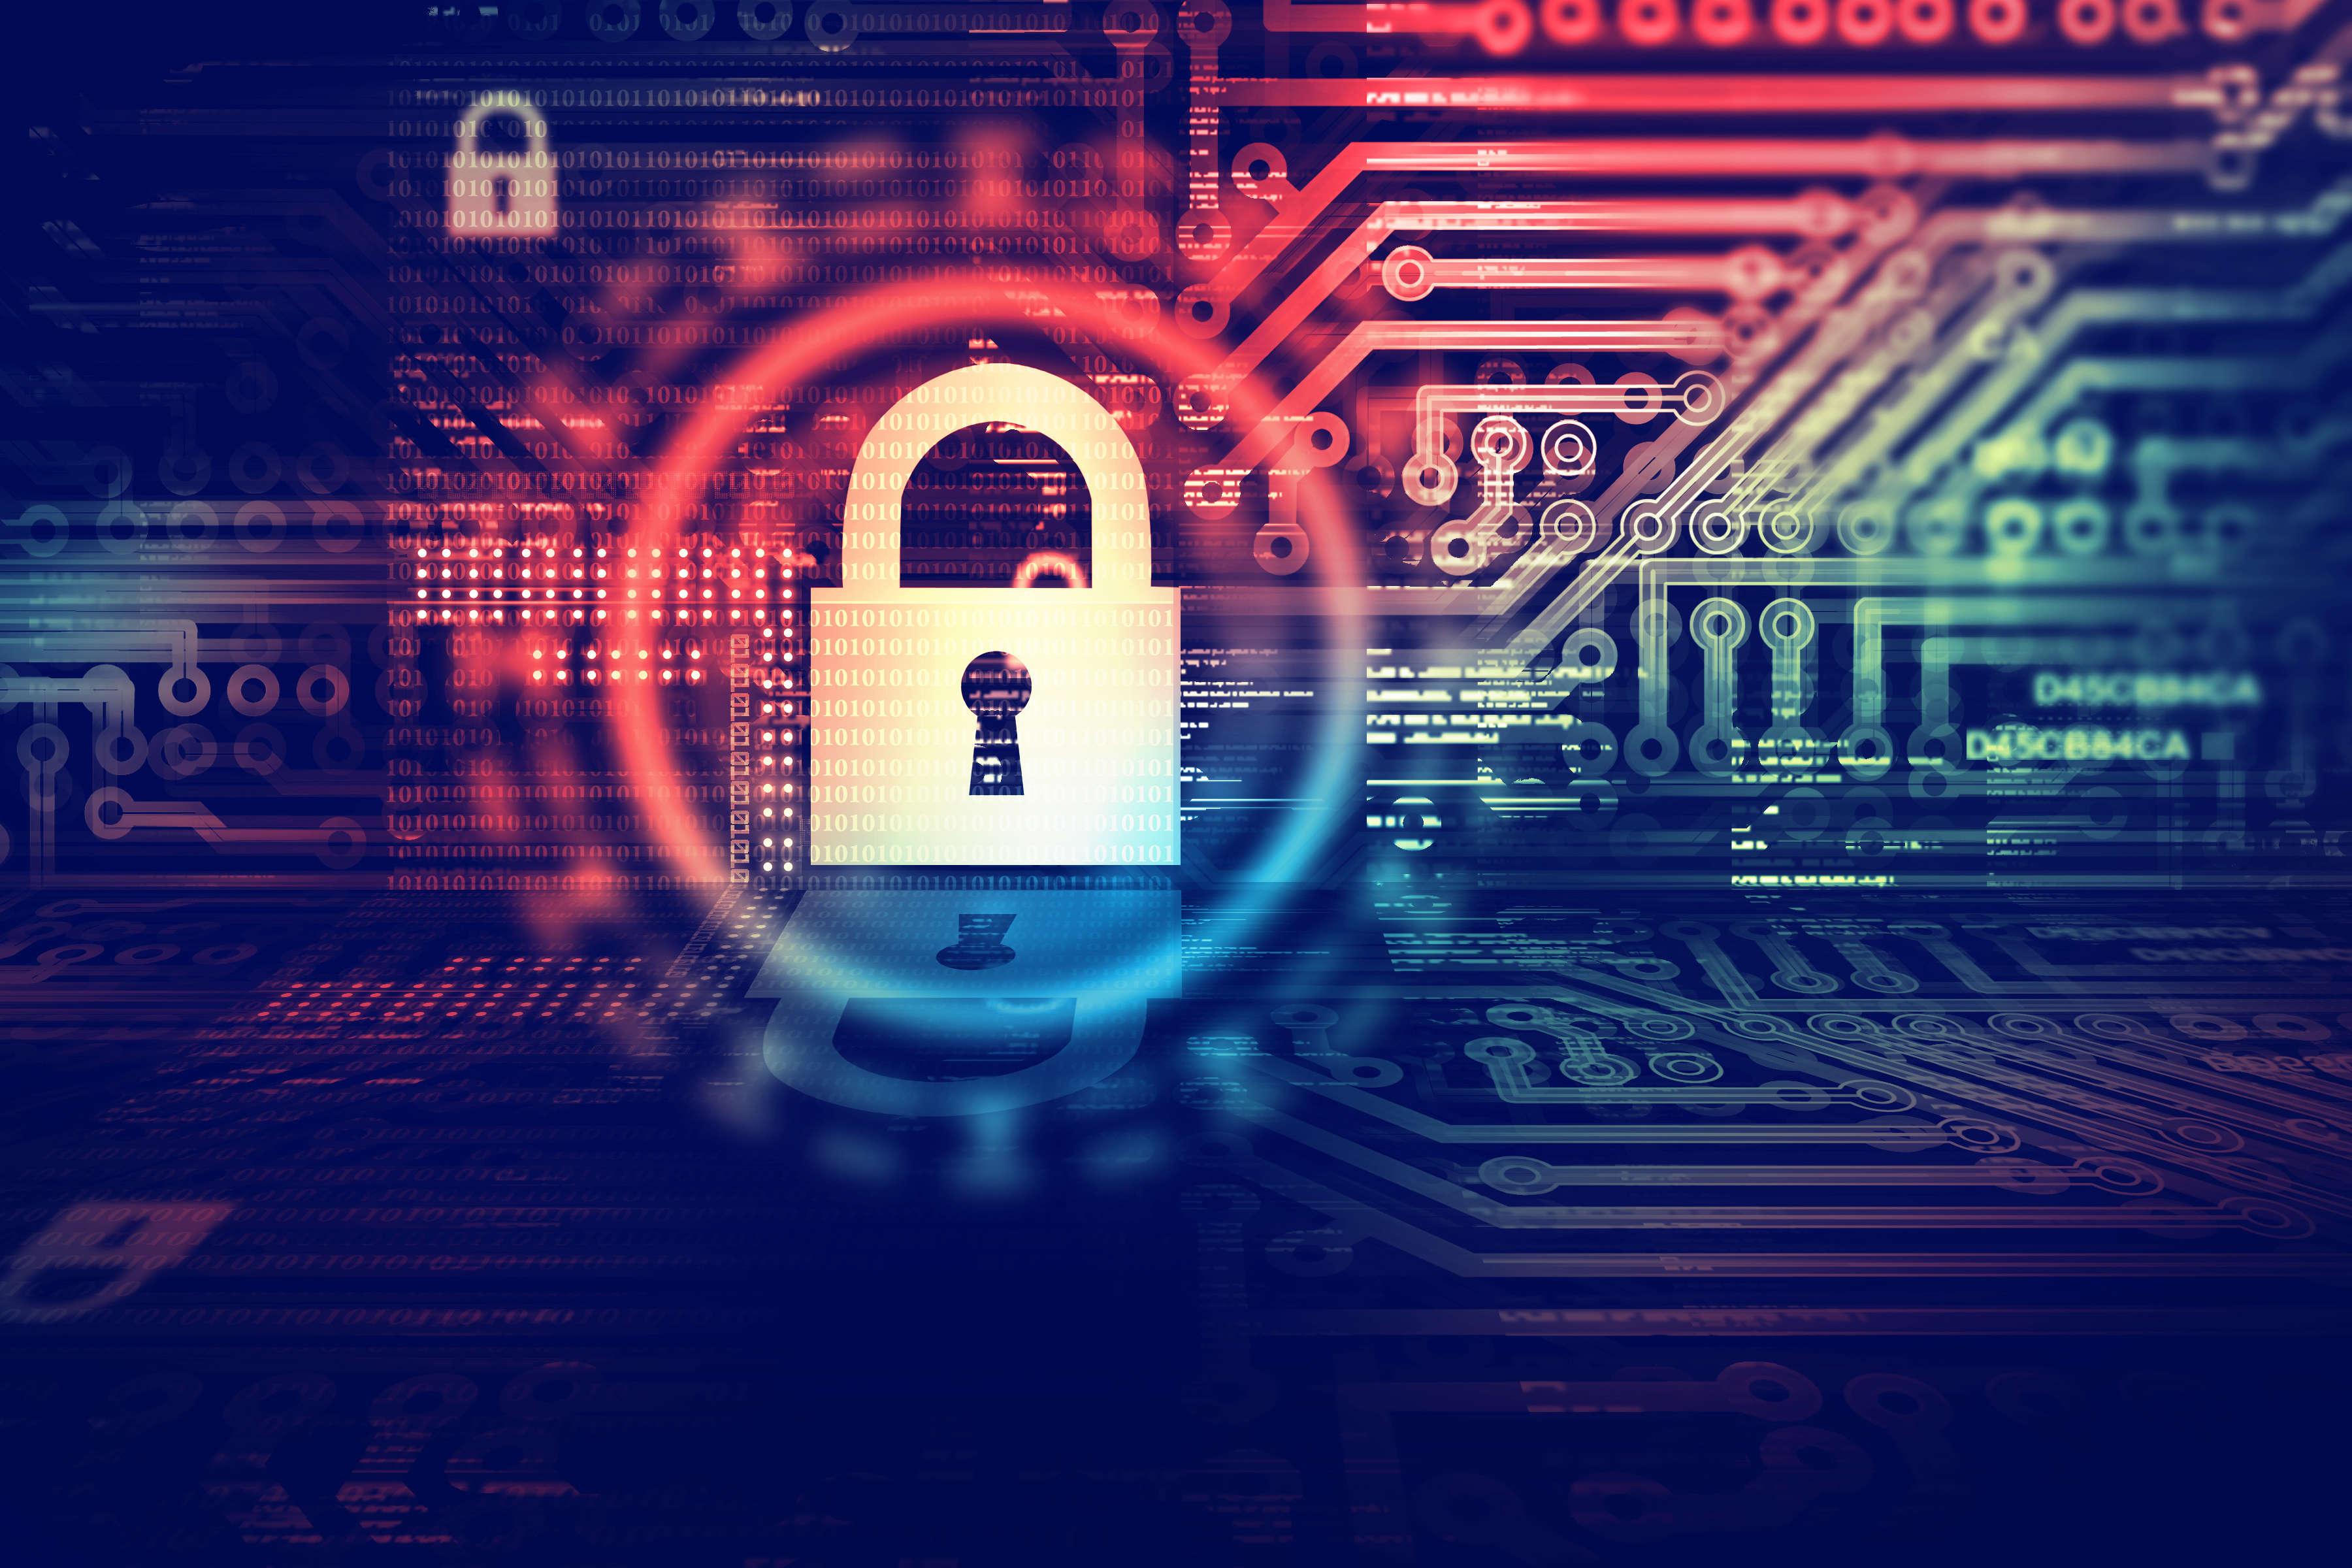 An ninh mạng là nỗi lo hàng đầu của doanh nghiệp trong 'thời đại rủi ro': Giám đốc điều hành Marsh & McLennan – Tin mới nhất